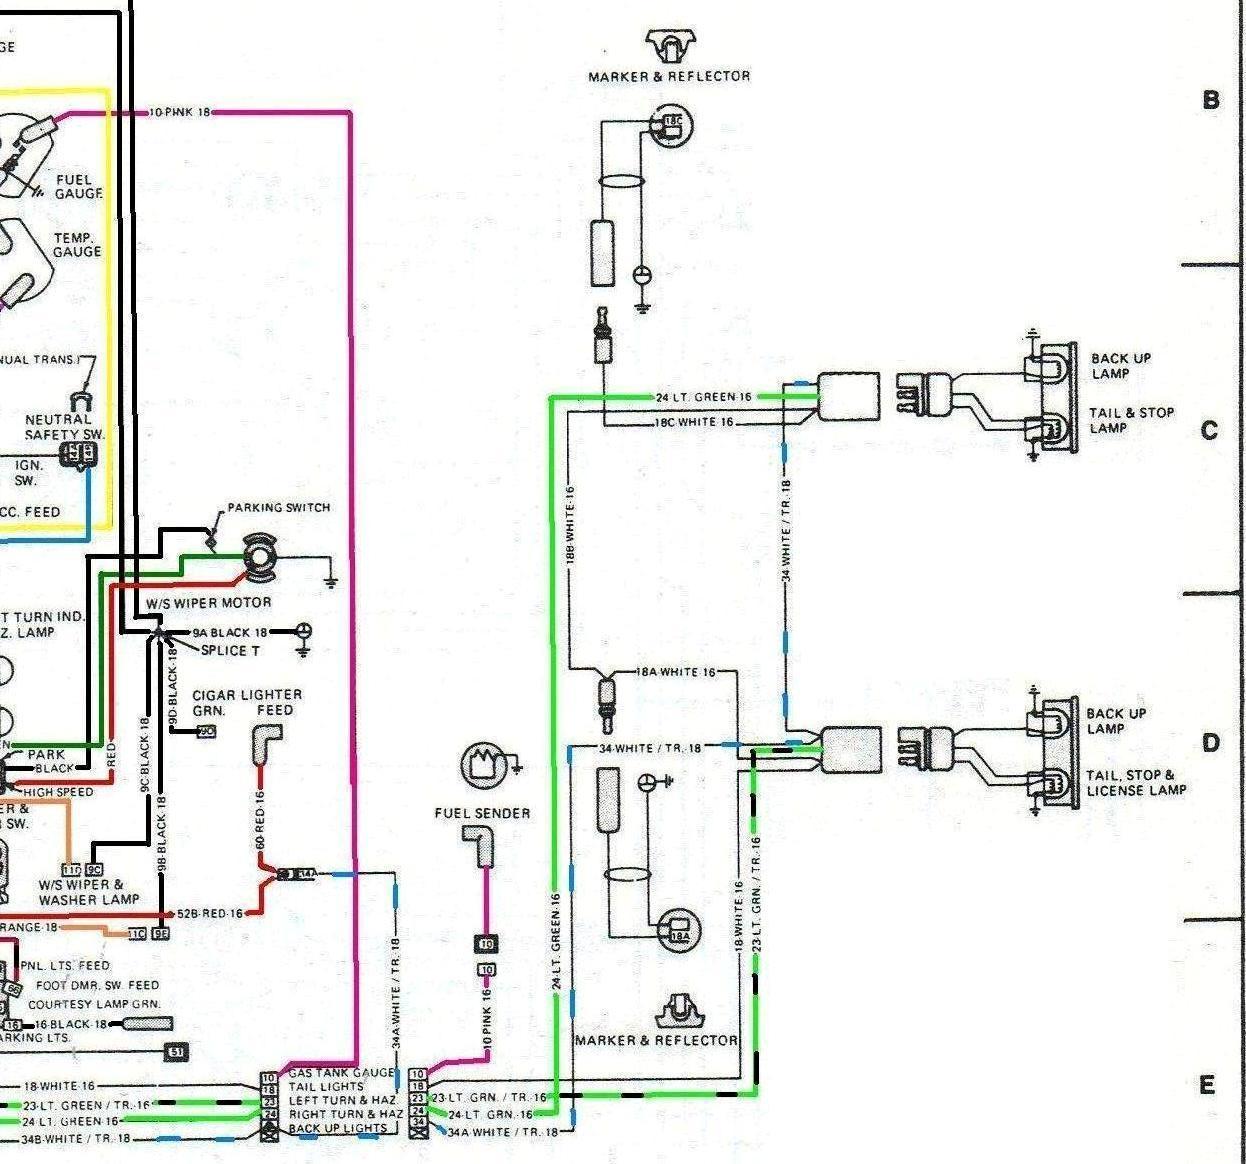 Jeep Cj7 Light Switch Wiring Diagram - Wiring Diagram K8 Jeep Cj Ke Wiring Diagram on